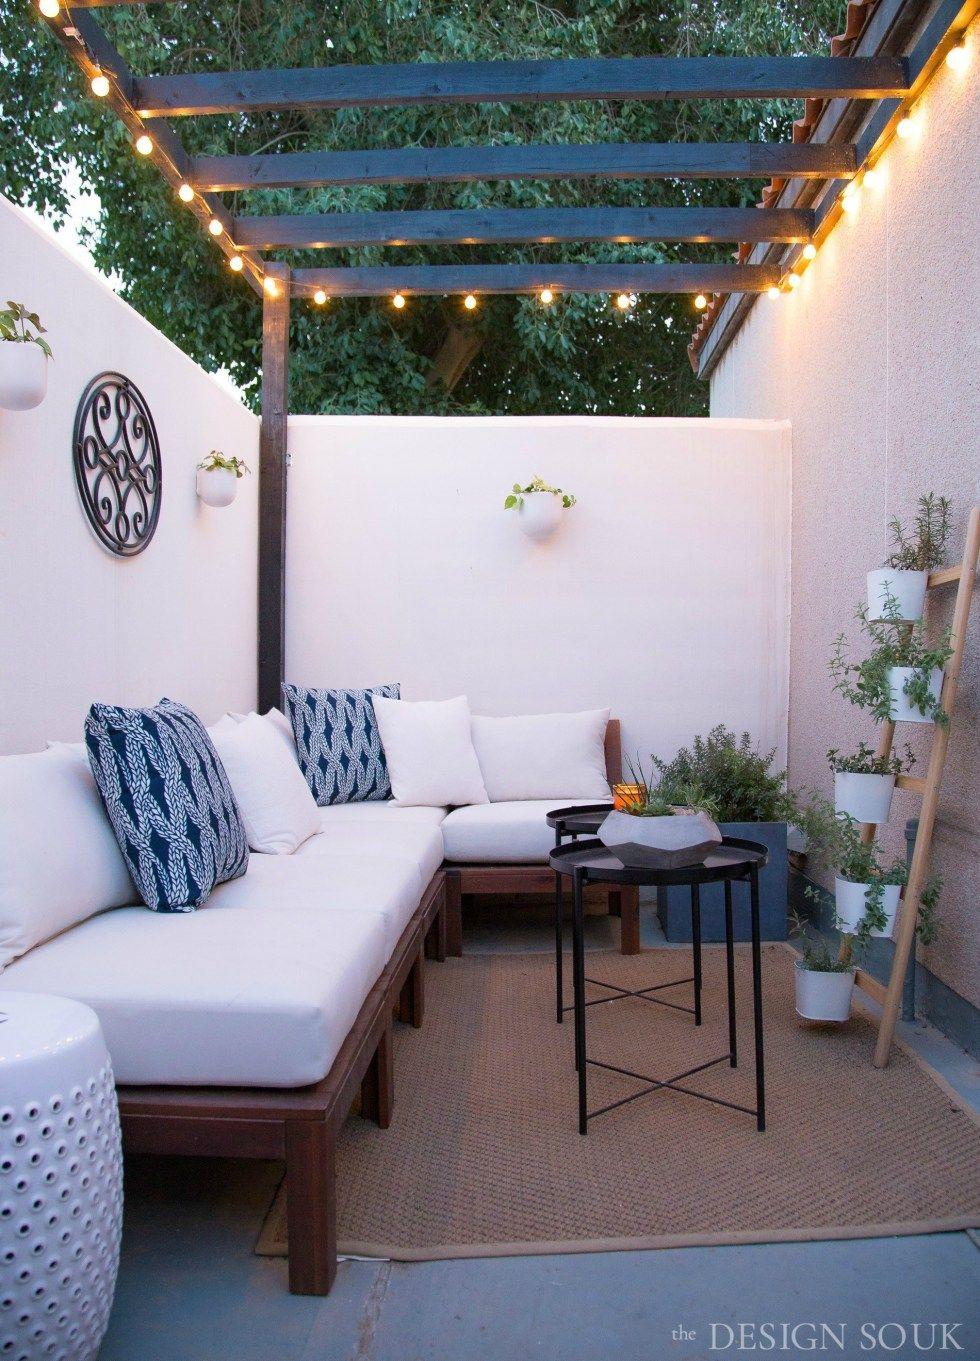 A Small Patio Makeover The Design Souk Decorar Patio Pequeño Diseño De Patio Moderno Decoración De Patio Exterior